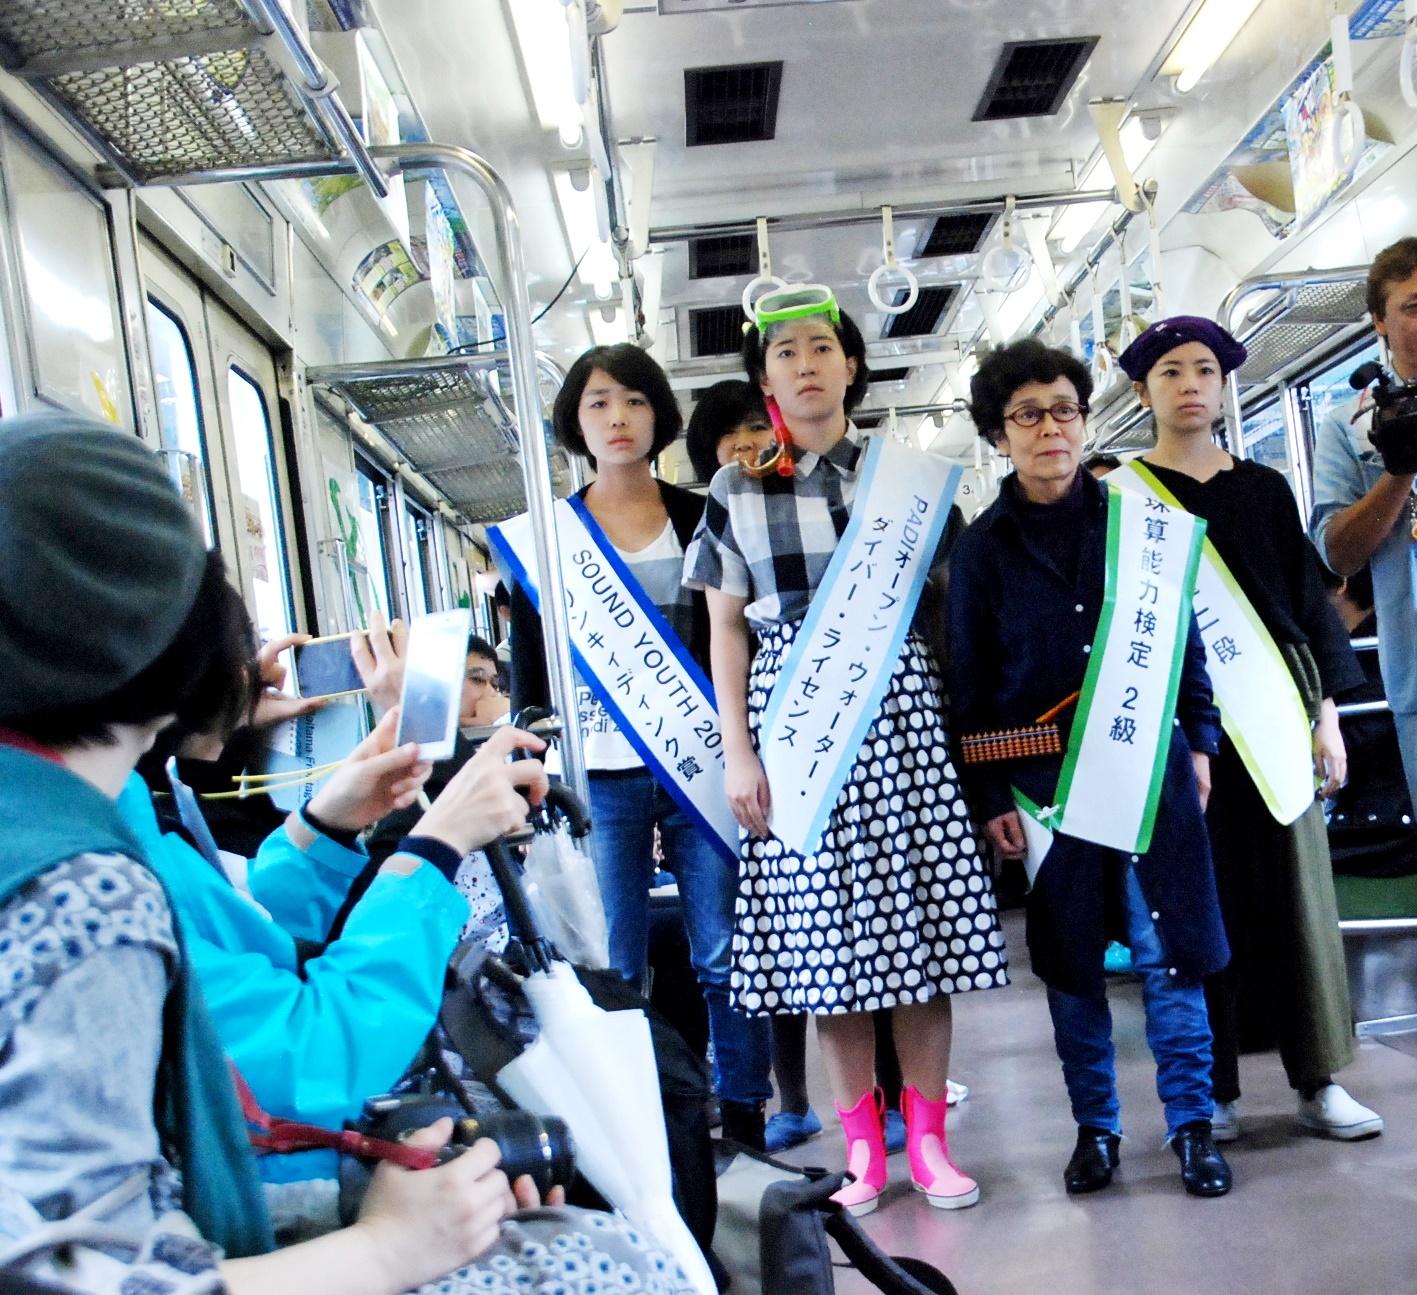 ユン・ハンソル サイタマフロンテージ さいたまトリエンナーレ さいたま国際芸術祭